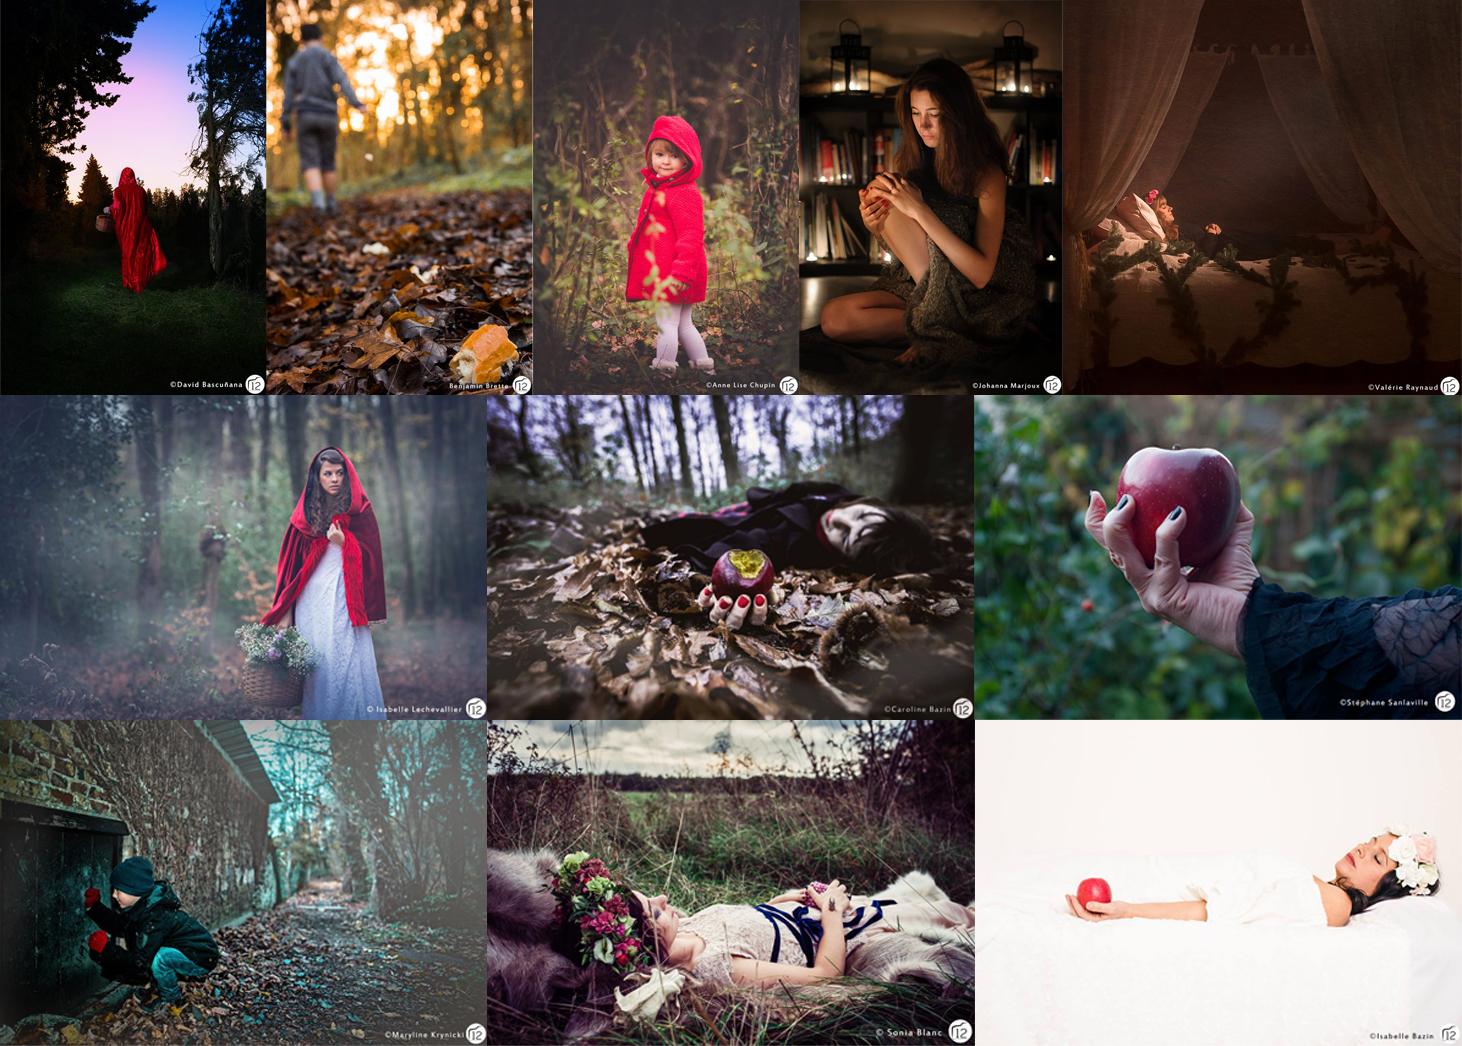 12-photographes--recap-decembre